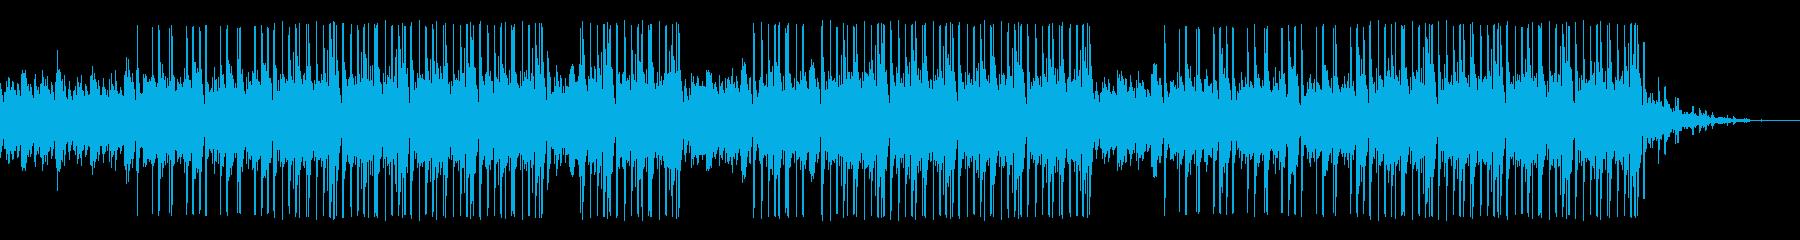 のんびりまどろむ昼下がりのBGMの再生済みの波形